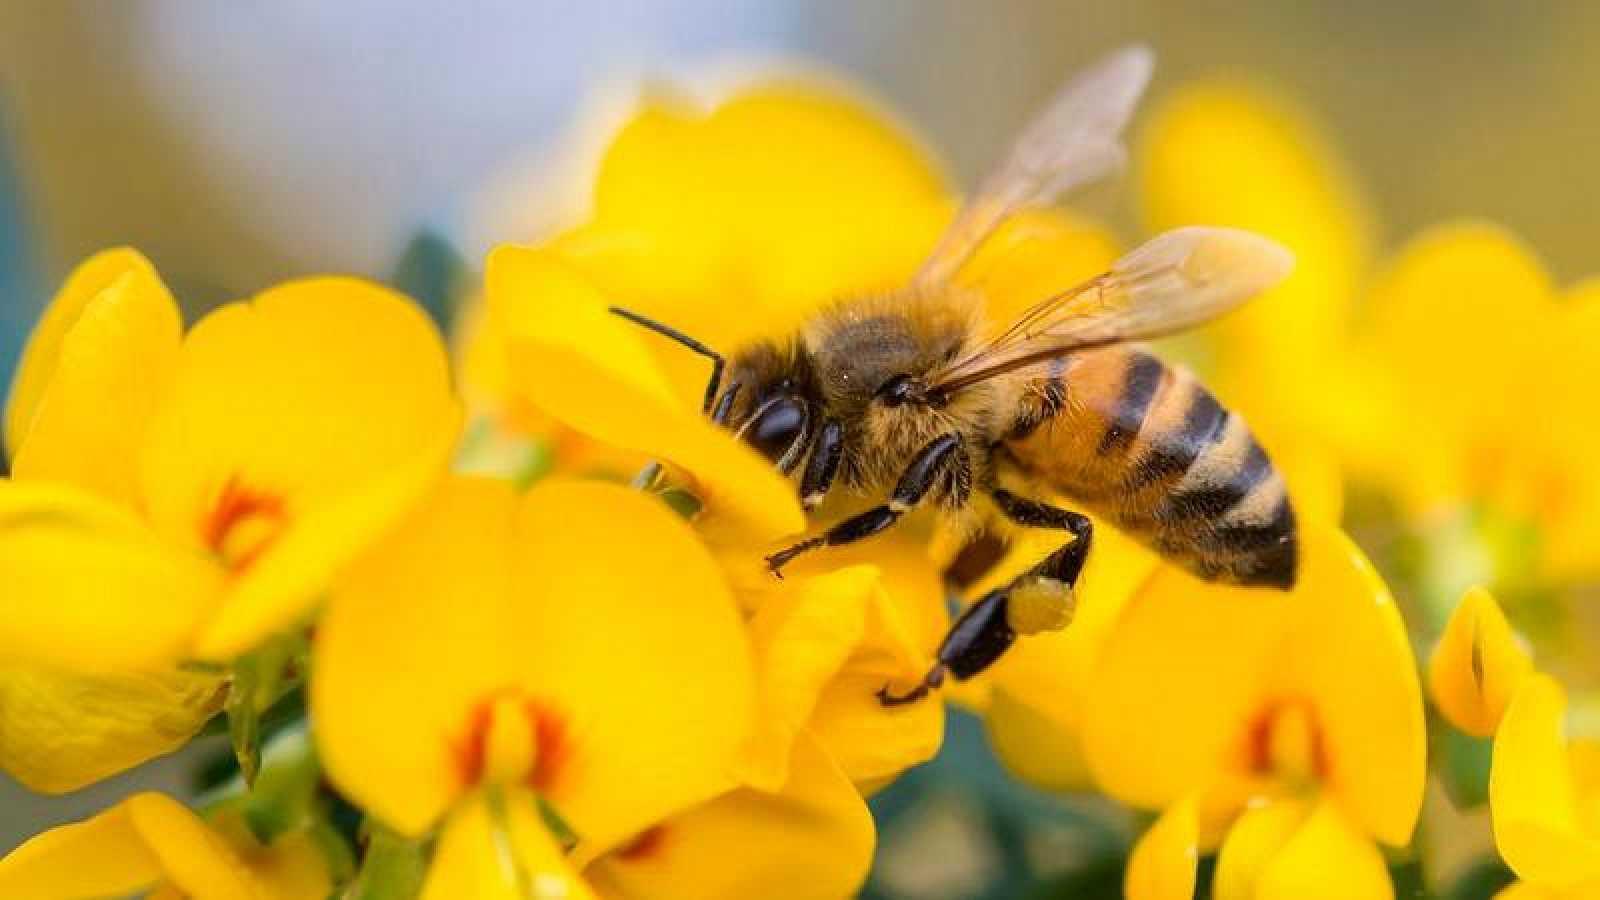 Las abejas se enfrentan a fuertes amenazas como el cambio climático o los productos químicos.